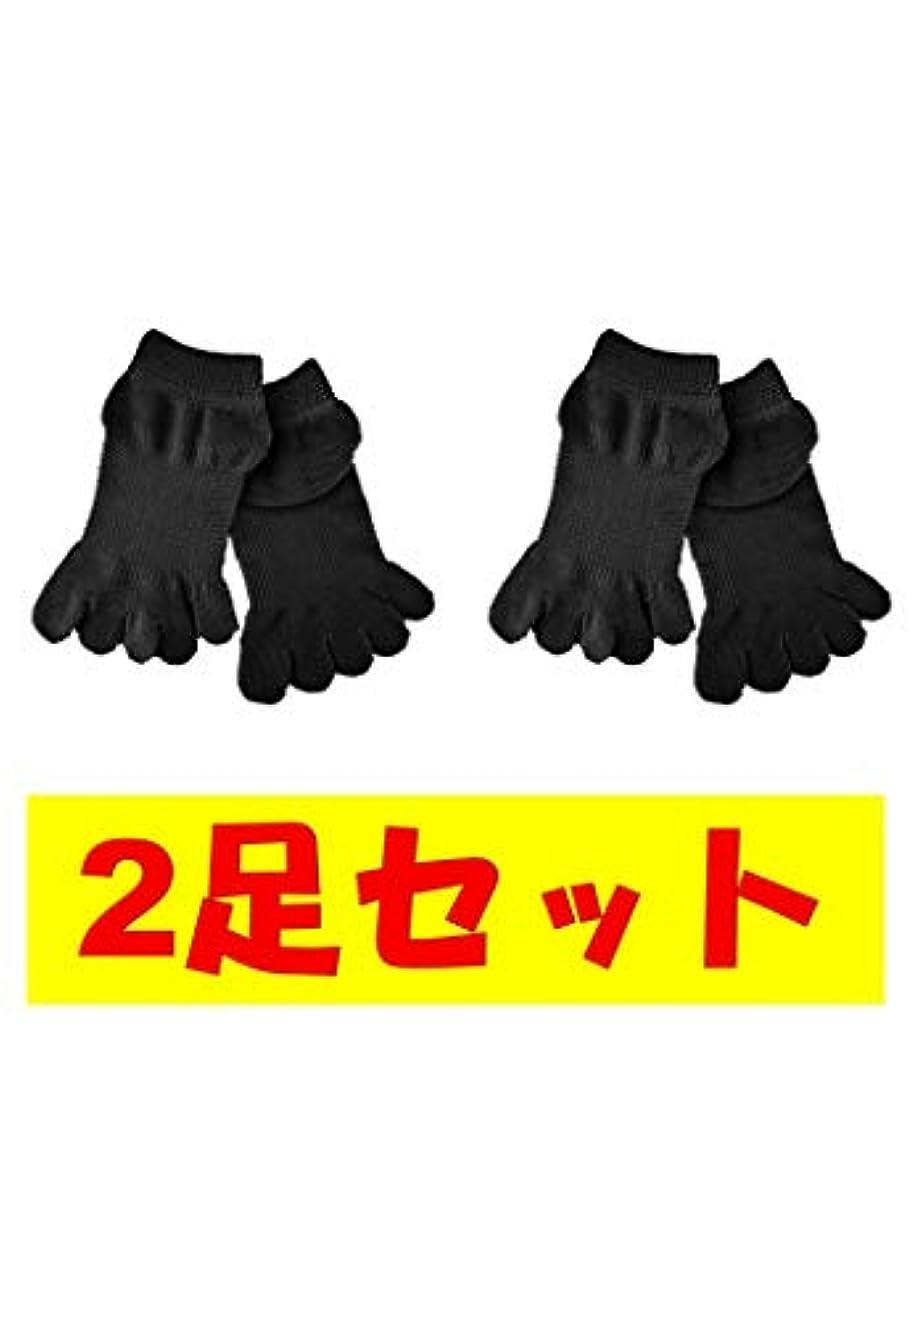 祖父母を訪問いたずらな麻酔薬お買い得2足セット 5本指 ゆびのばソックス ゆびのば アンクル ブラック Mサイズ 25.0cm-27.5cm YSANKL-BLK